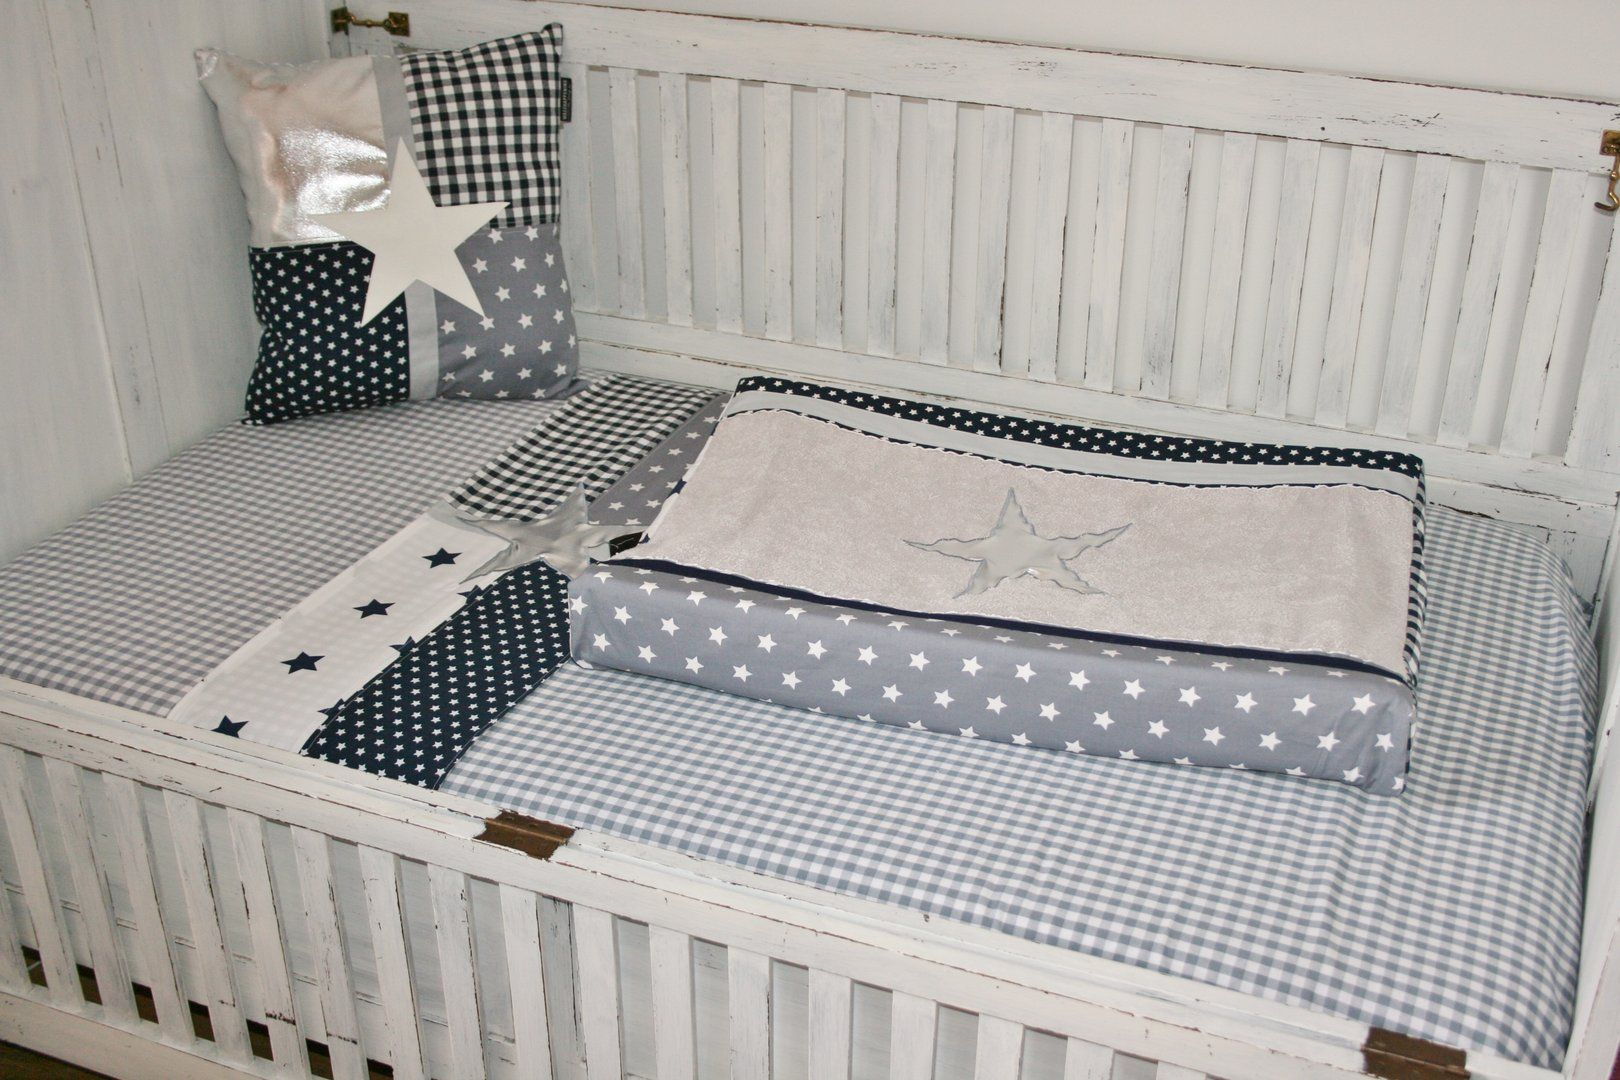 Sterren Accessoires Babykamer.Babykamer Accessoires Blauw Kinderkamer Accessoires